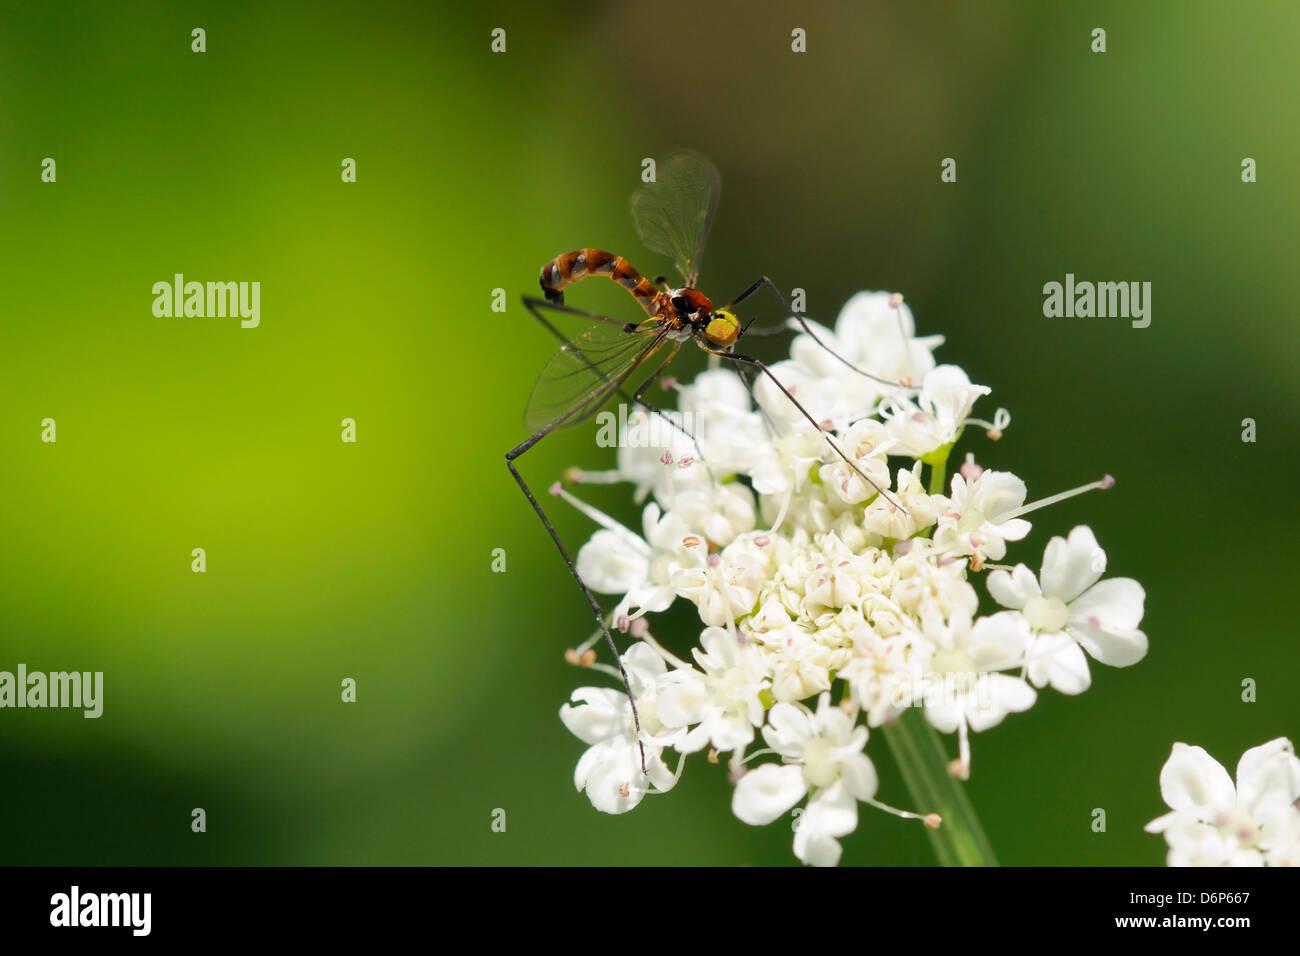 Eine seltene Net-winged Mücke (Apistomyia Elegans) Fütterung auf Dolde Blumen von einem unverschmutzten Stockbild